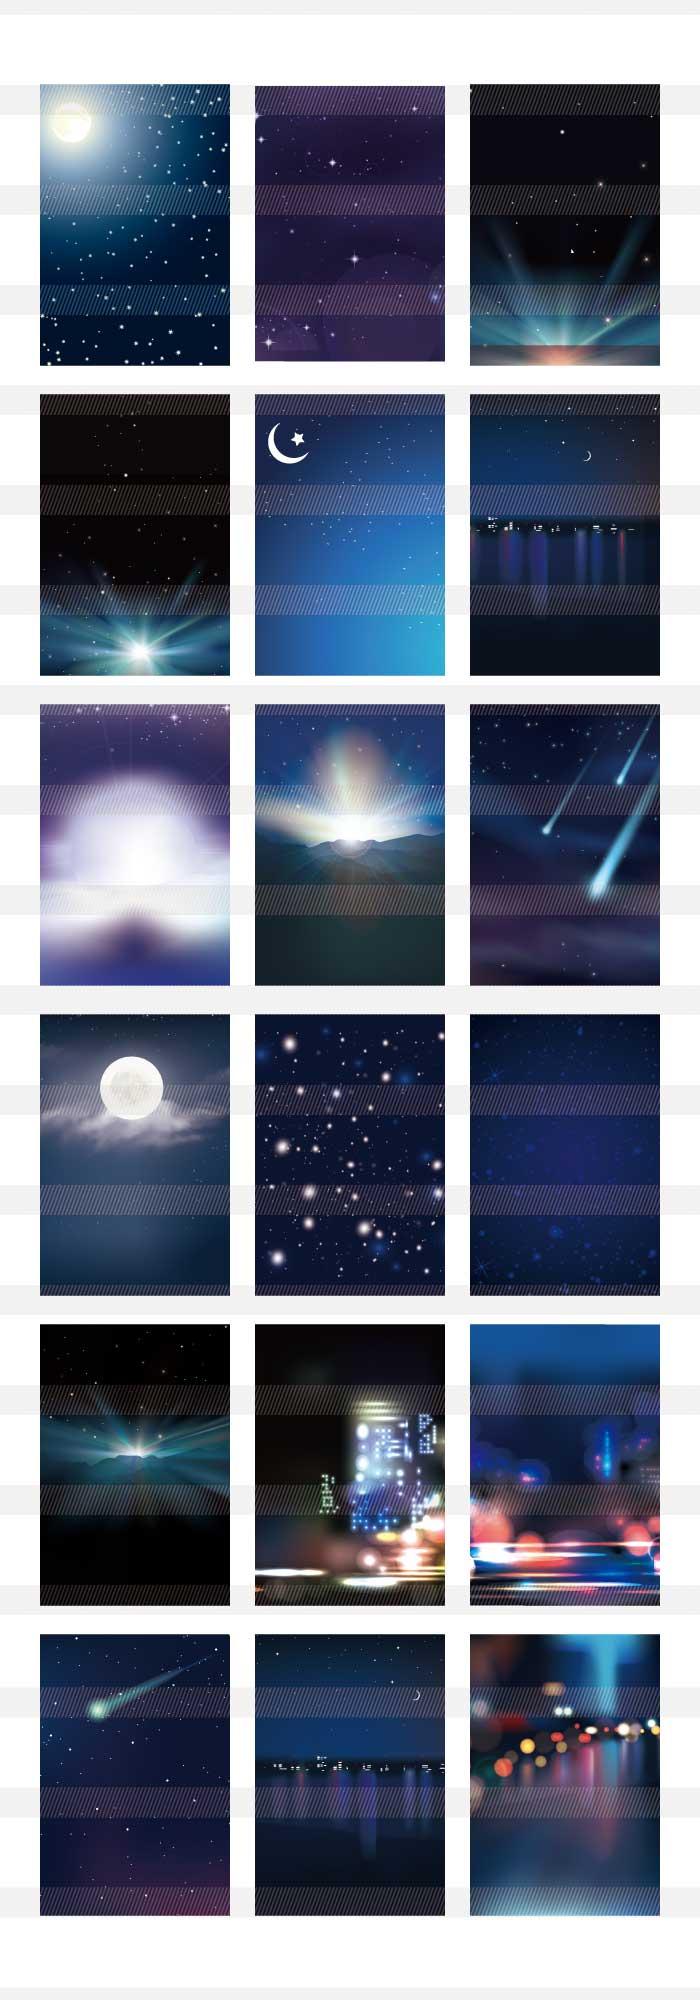 花火と夜空のイラスト